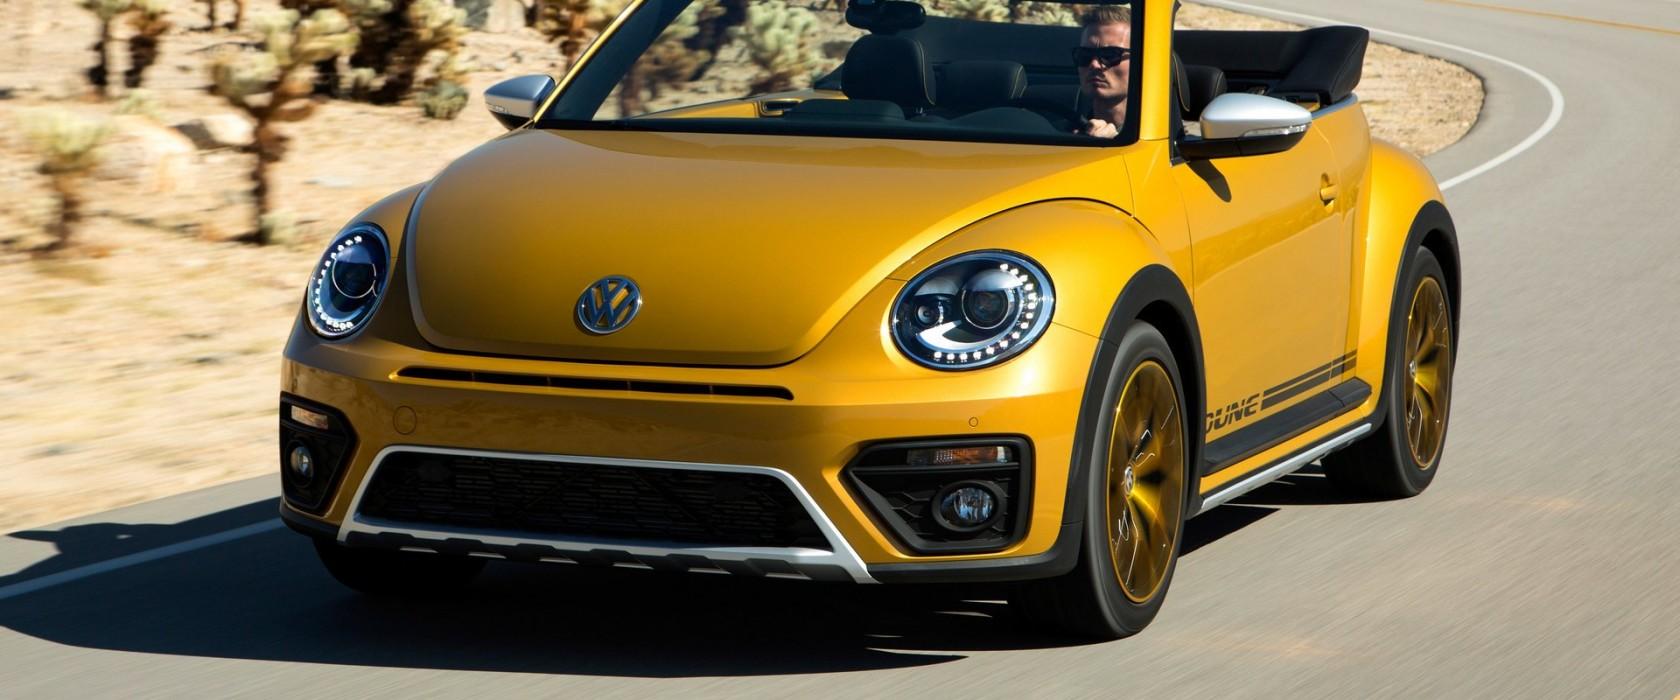 VolkswagenBeetleDuneCabriolet-apertura